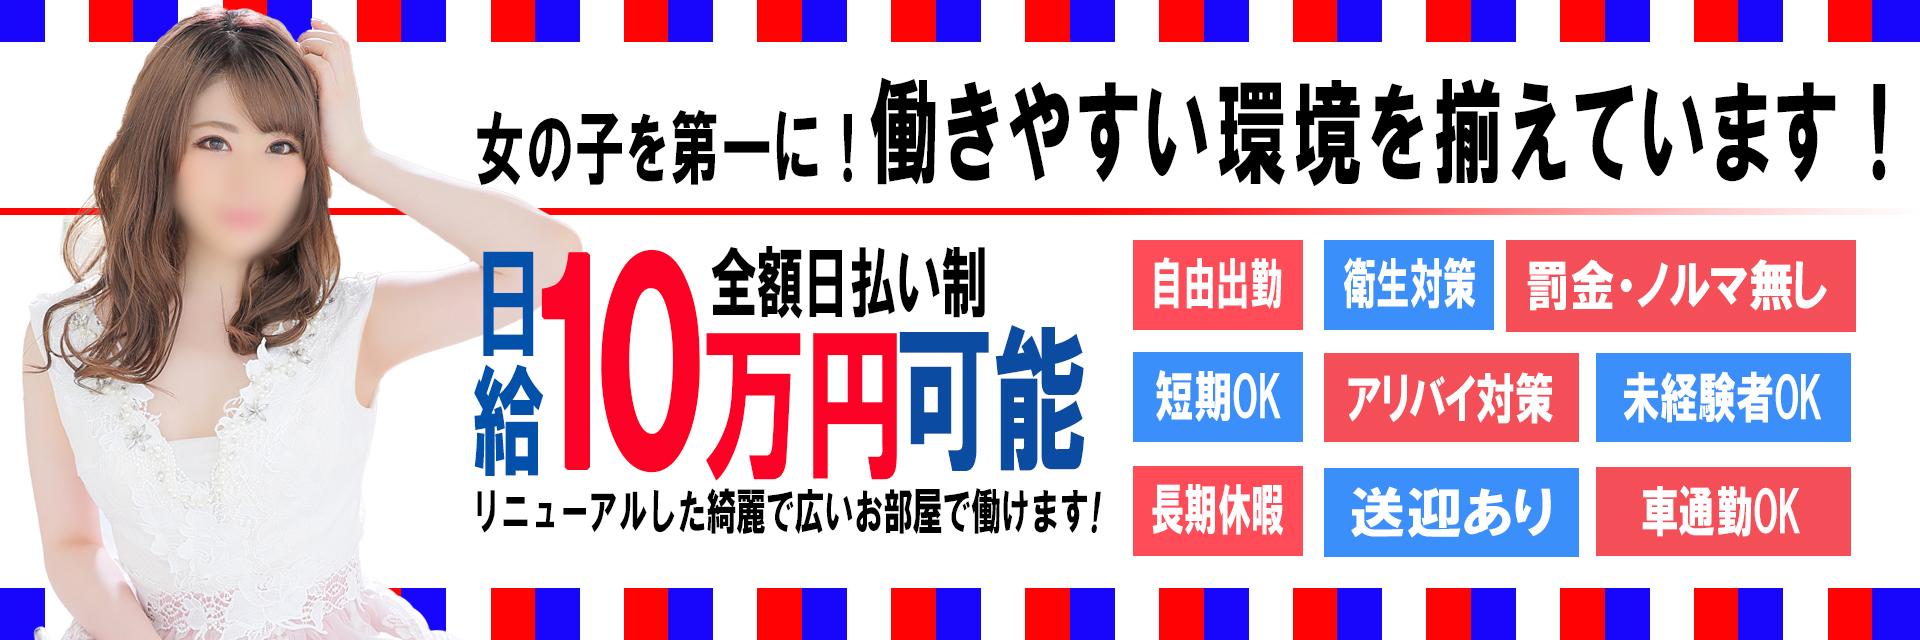 横浜AAAの求人画像